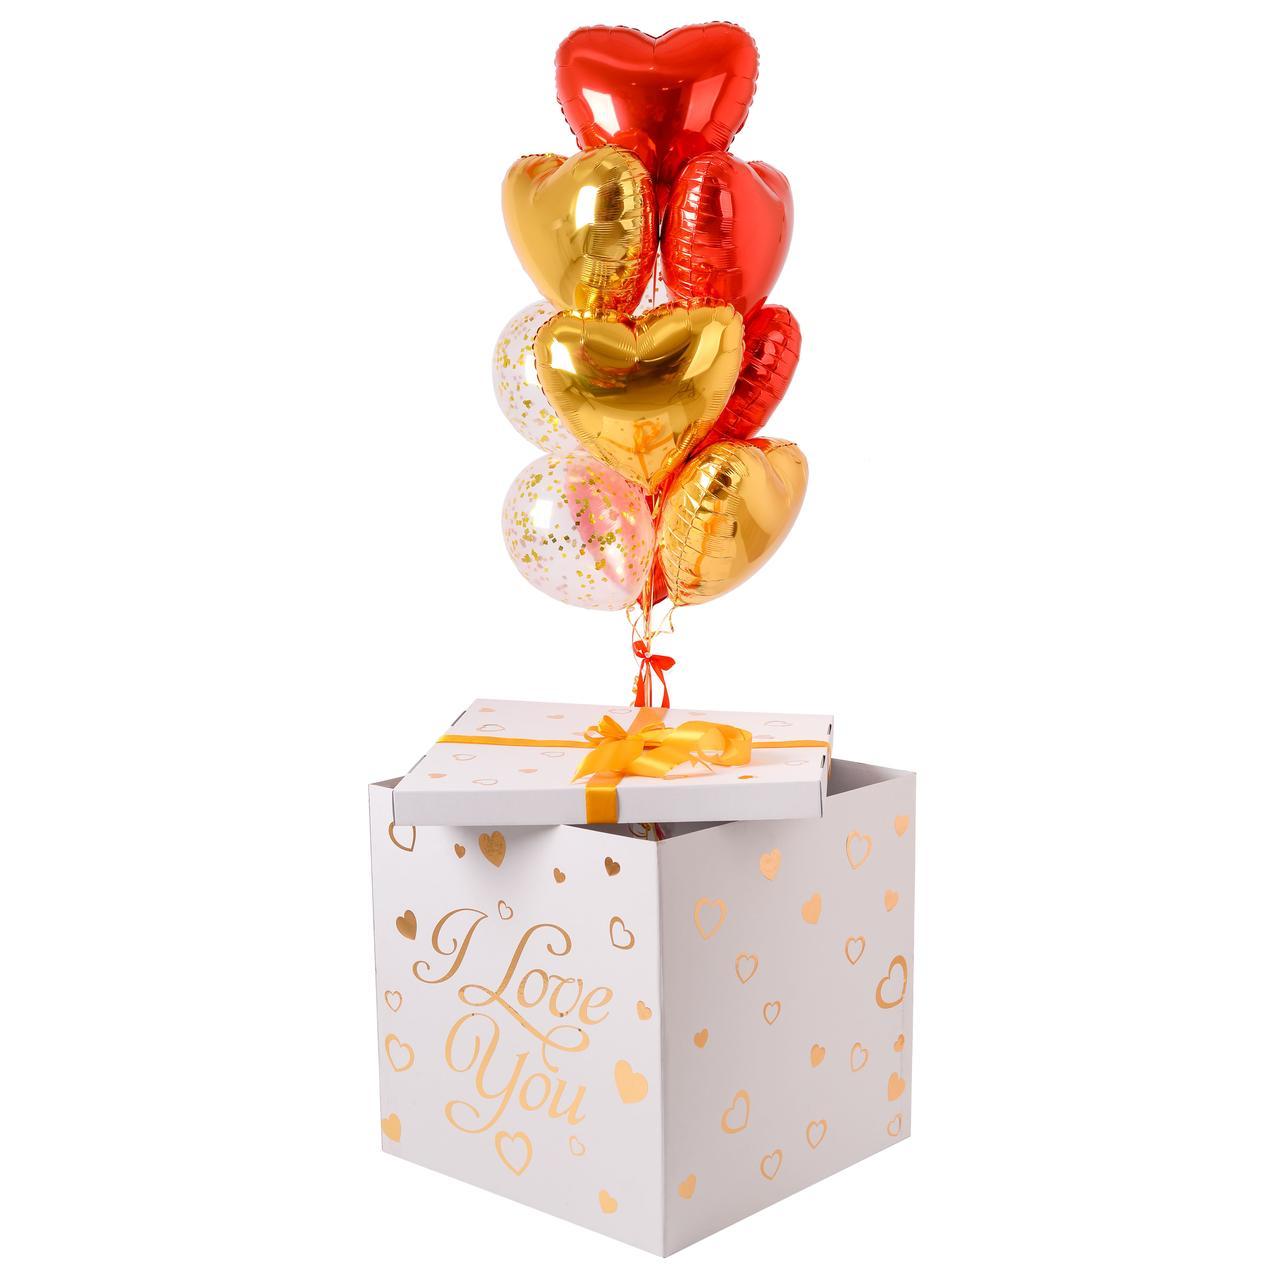 Коробка I love you с шариками сердечками для любимой на 14 февраля